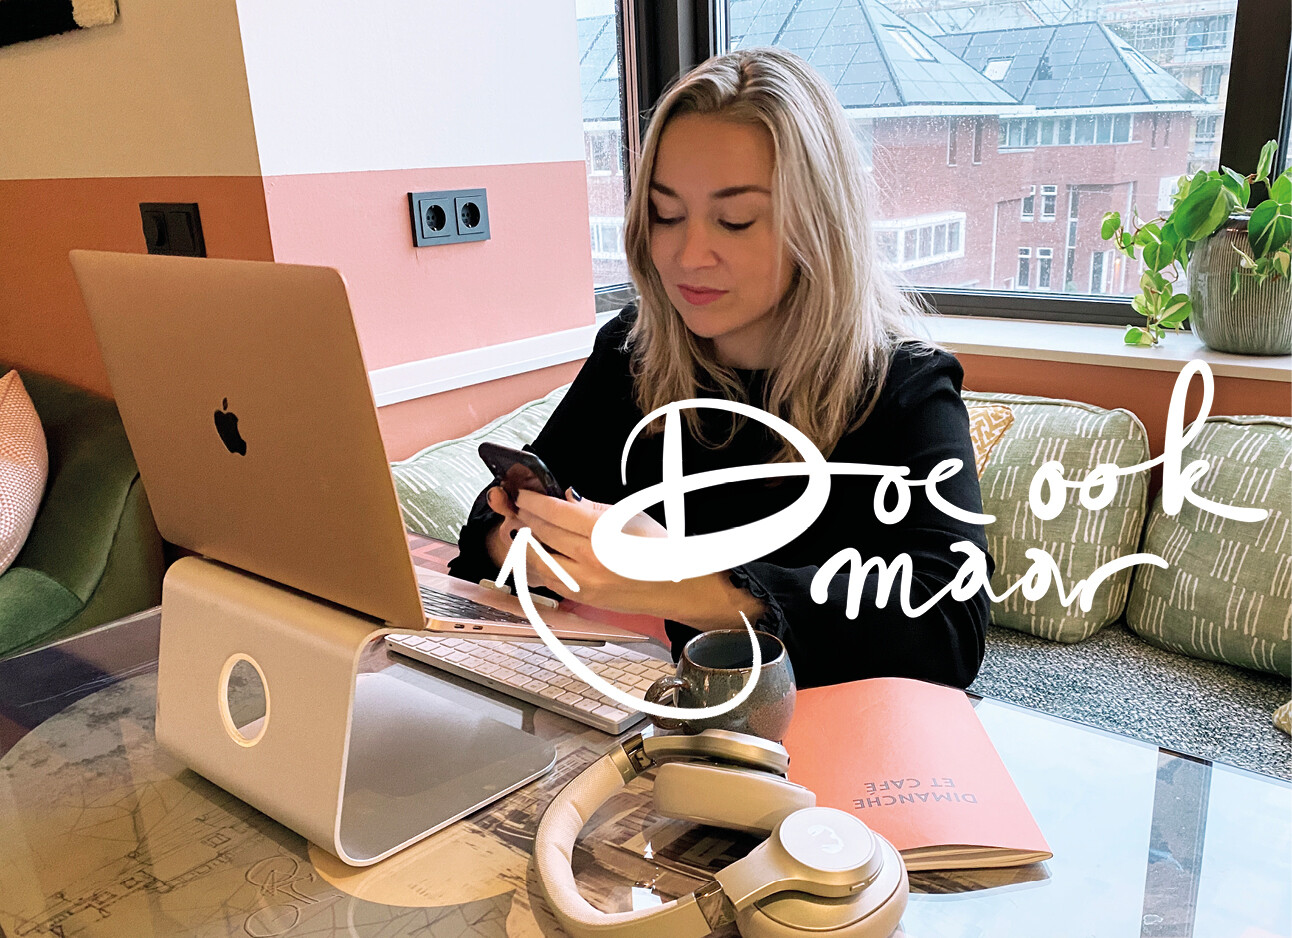 adeline kijkend naar haar telefoon achter haar laptop